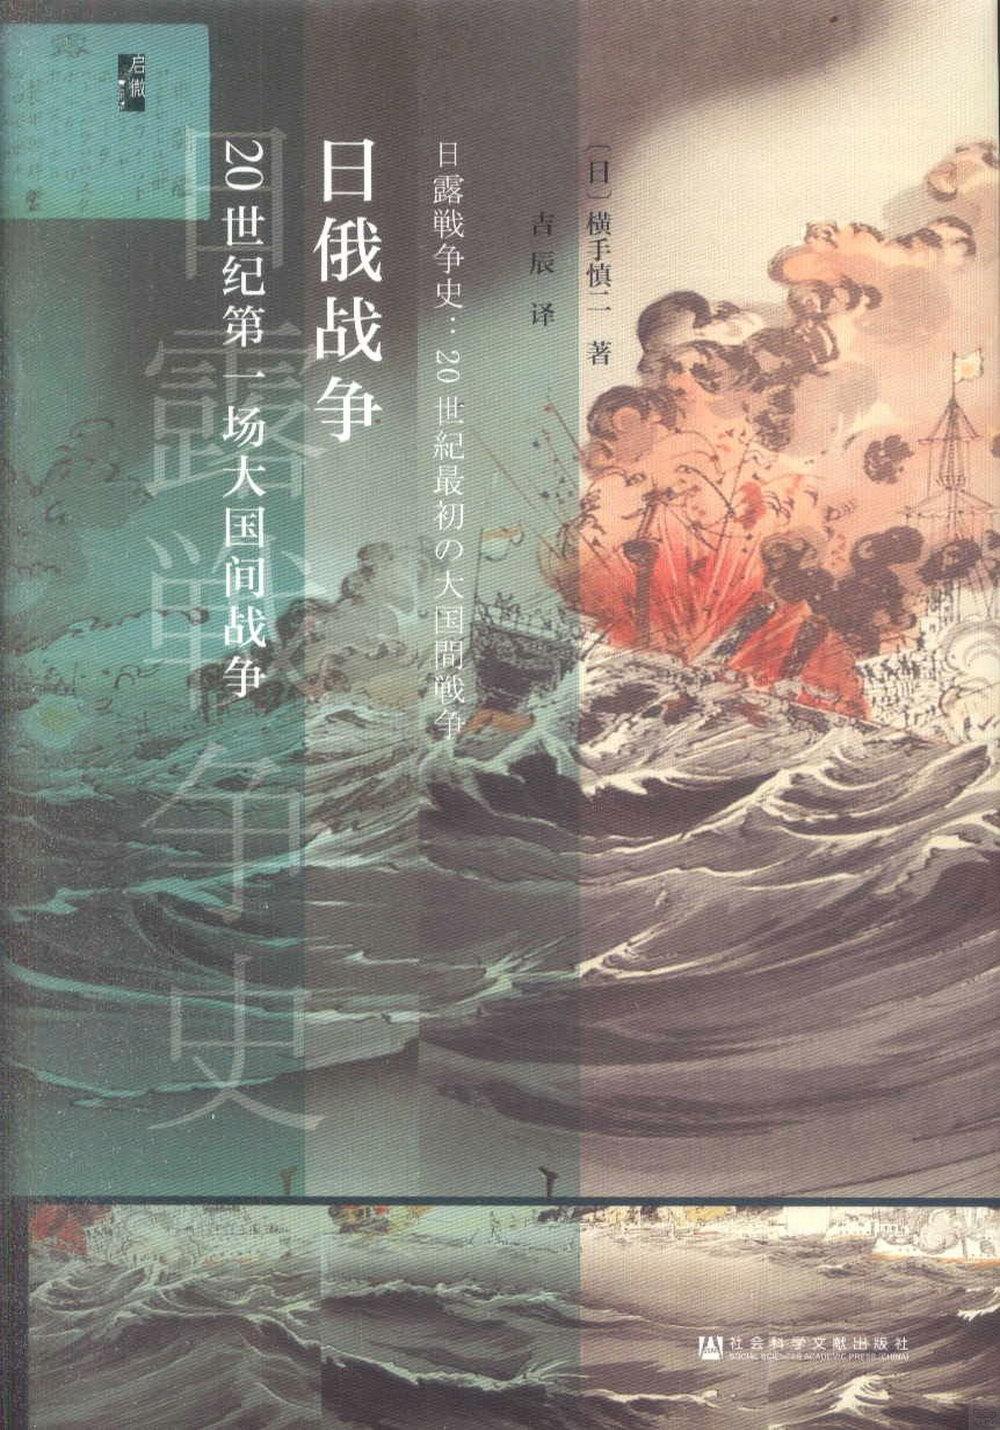 日俄戰爭:20世紀第一場大國間戰爭